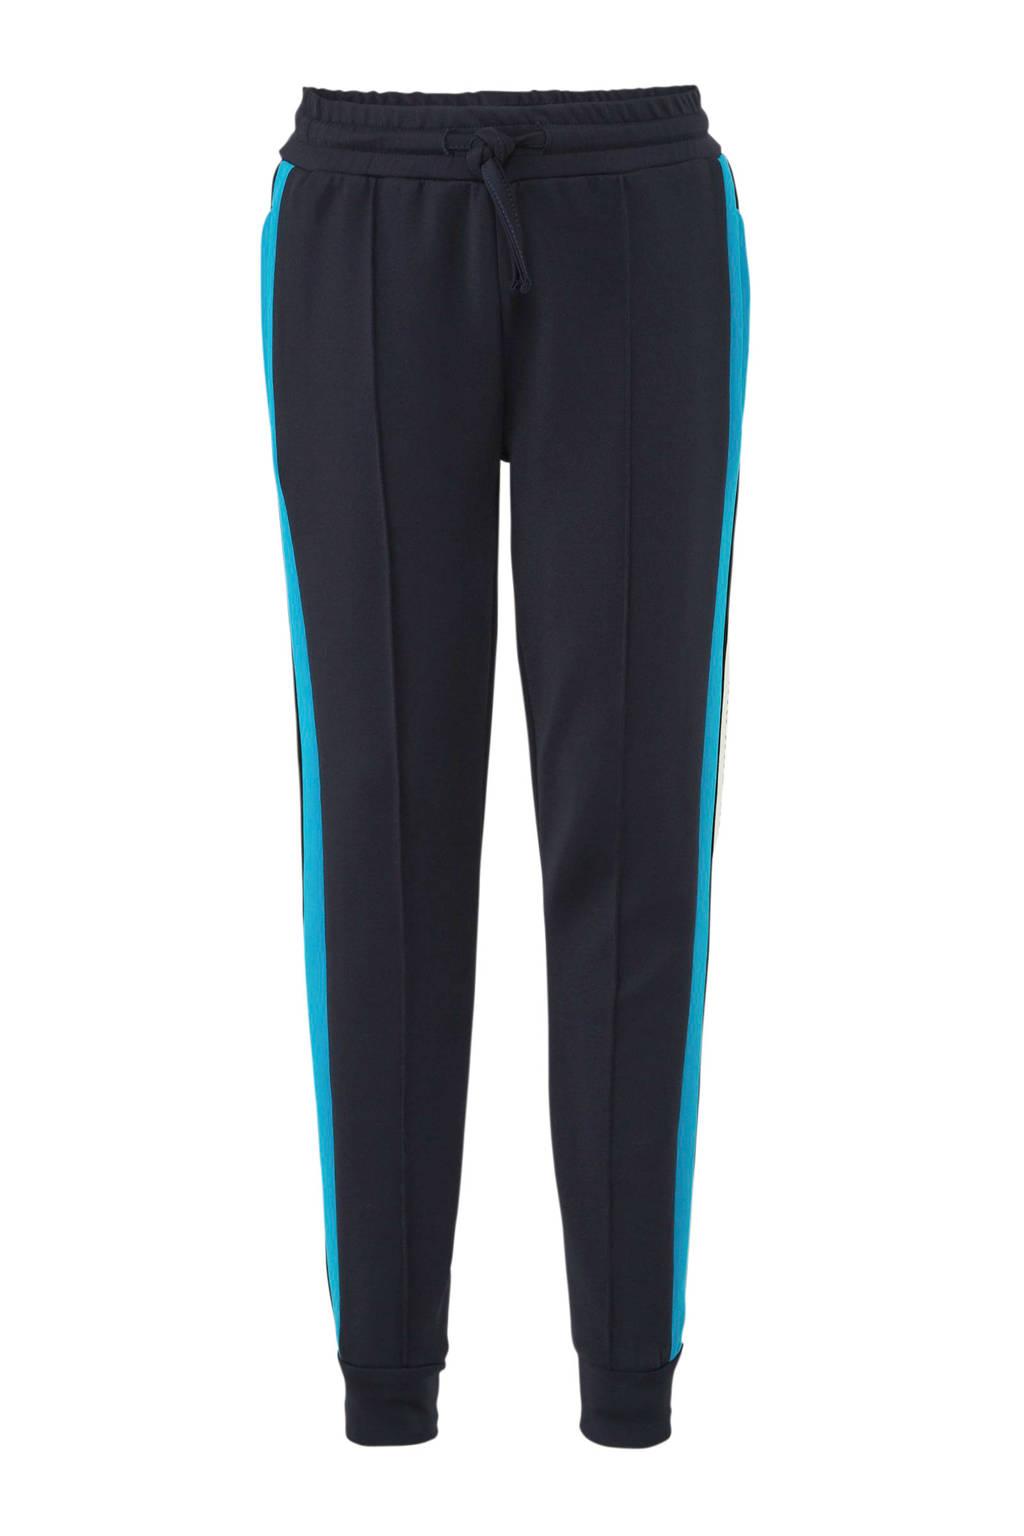 NIK&NIK broek Ferdy met zijstreep donkerblauw/blauw, Donkerblauw/blauw